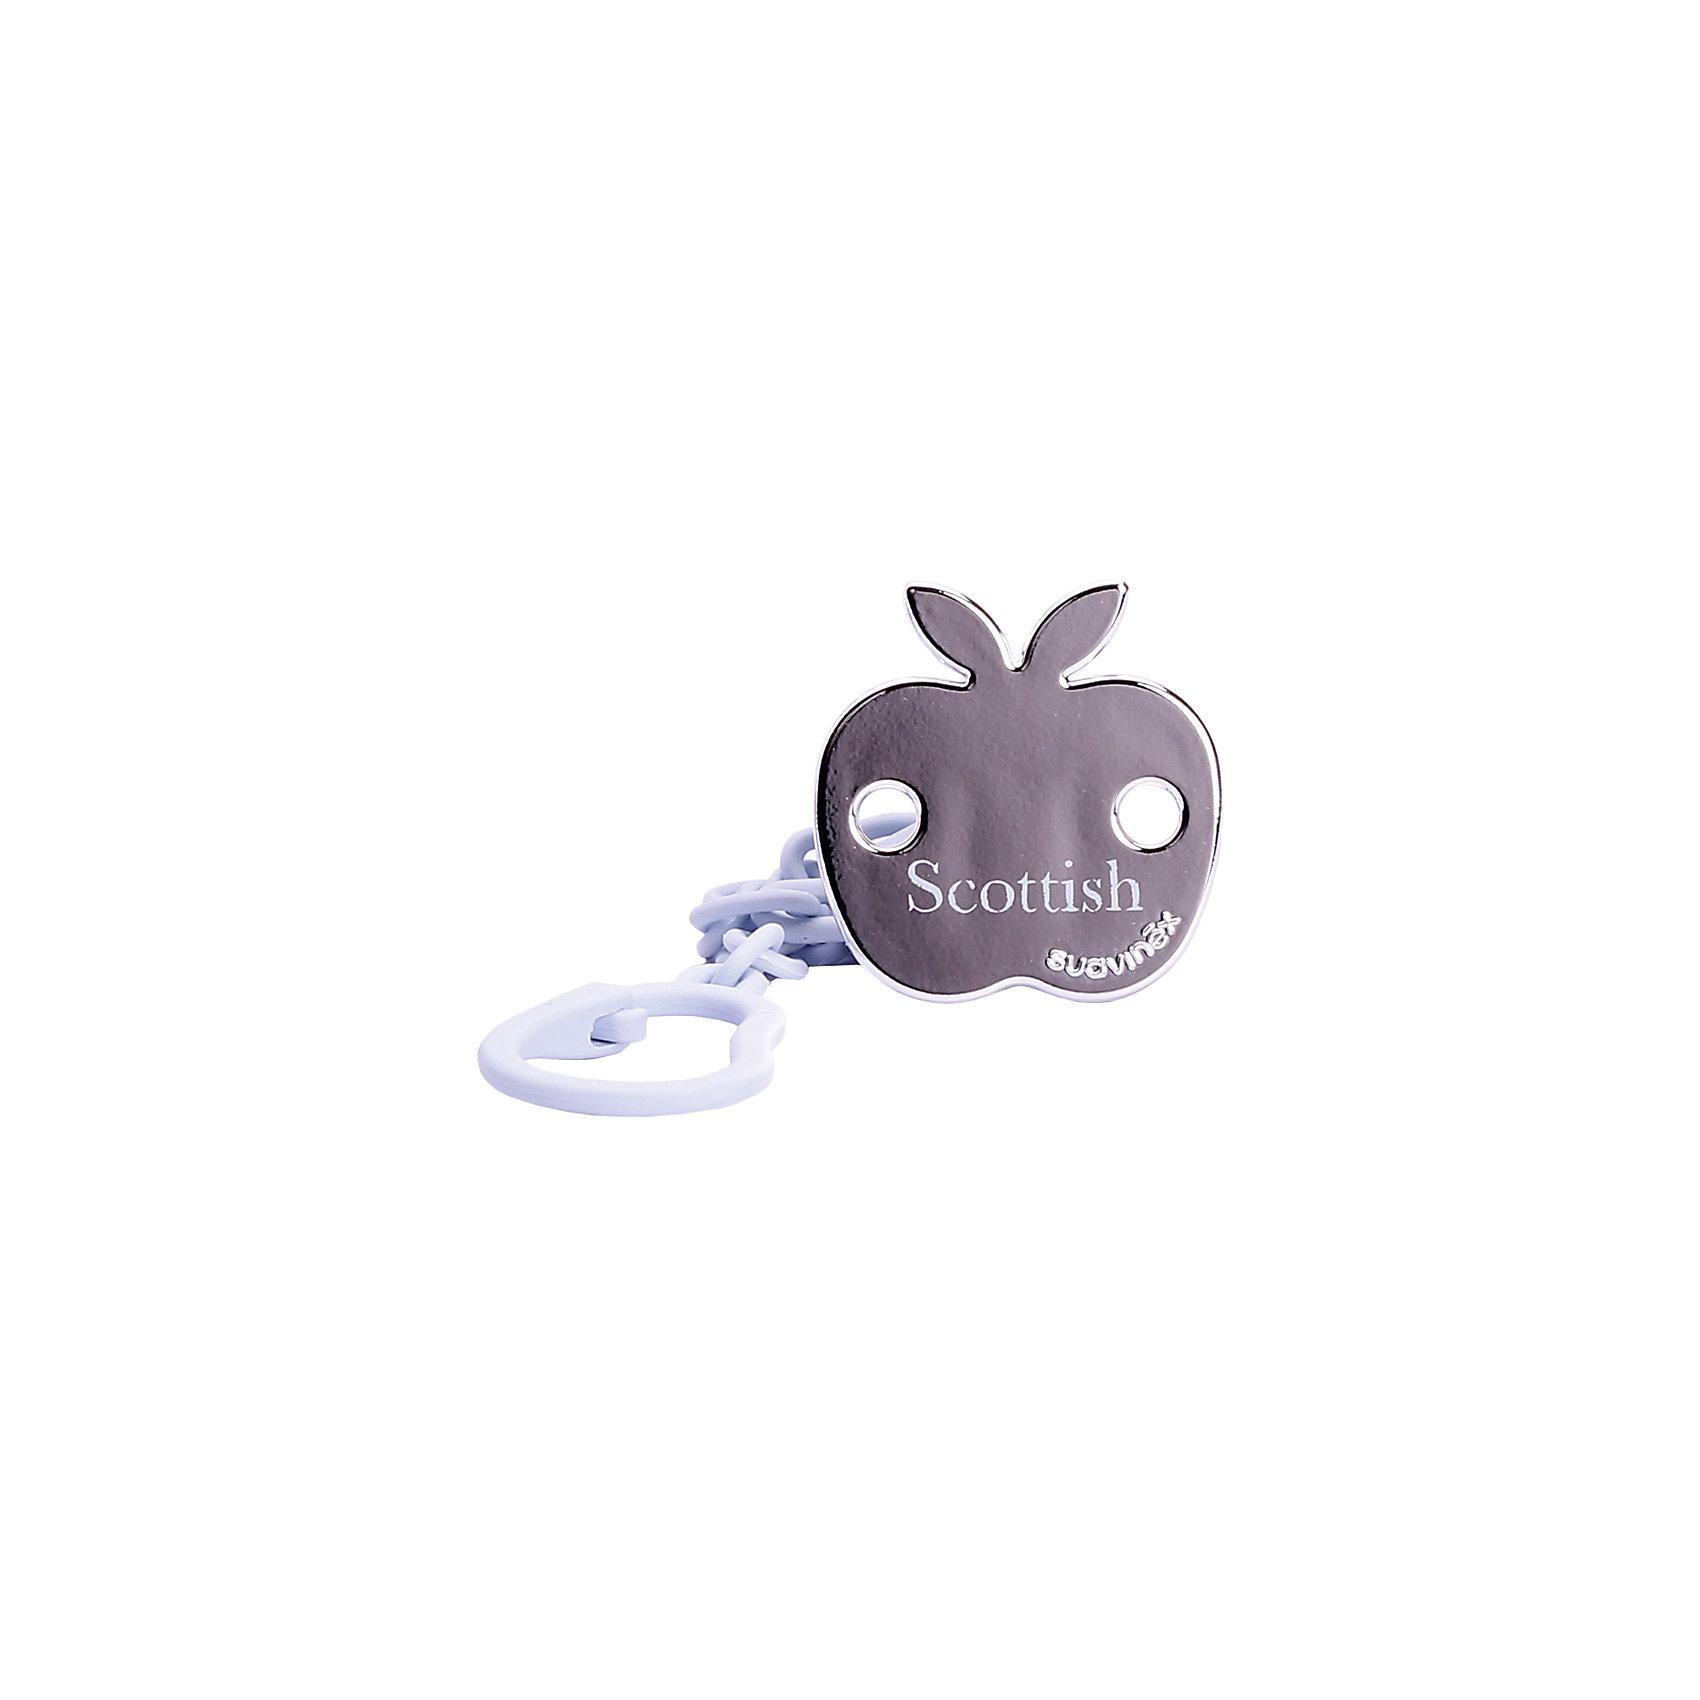 Держатель для пустышки SCOTTISH с зажимом, Suavinex, голубое яблокоХарактеристики:<br><br>• Наименование: держатель для пустышки<br>• Пол: для мальчика<br>• Материал: пластик<br>• Цвет: голубой, золотистый<br>• Рисунок: яблоко<br>• Универсальный механизм для закрепления любых пустышек<br>• Вид держателя: на цепочке с клипсой<br>• Покрытие с эффектом позолоты<br>• Вес: 30 г<br>• Параметры (Д*Ш*В): 5,4*6,5*10,9 см <br>• Особенности ухода: можно мыть в теплой воде, допускается стерилизация<br><br>Держатель для пустышки SCOTTISH с зажимом, Suavinex, голубое яблоко изготовлен испанским торговым брендом, специализирующимся на выпуске товаров для кормления и аксессуаров для младенцев. Продукция от Suavinex премиум-класса разработана из экологически безопасных и прочных материалов, устойчивых к повреждениям, появлению царапин и изменению цвета. <br><br>Держатель для пустышки выполнен в виде цепочки с крупными звеньями, С одной стороны, у держателя предусмотрено кольцо, с другой – клипса. Клипса оформлена в брендовом дизайне в виде яблока с эффектом позолоты. Держатель для пустышки SCOTTISH с зажимом, Suavinex, голубое яблоко – это не только необходимый предмет ухода за младенцем, но и стильный аксессуар. <br><br>Держатель для пустышки SCOTTISH с зажимом, Suavinex, голубое яблоко можно купить в нашем интернет-магазине.<br><br>Ширина мм: 54<br>Глубина мм: 65<br>Высота мм: 109<br>Вес г: 30<br>Возраст от месяцев: 0<br>Возраст до месяцев: 24<br>Пол: Мужской<br>Возраст: Детский<br>SKU: 5451300